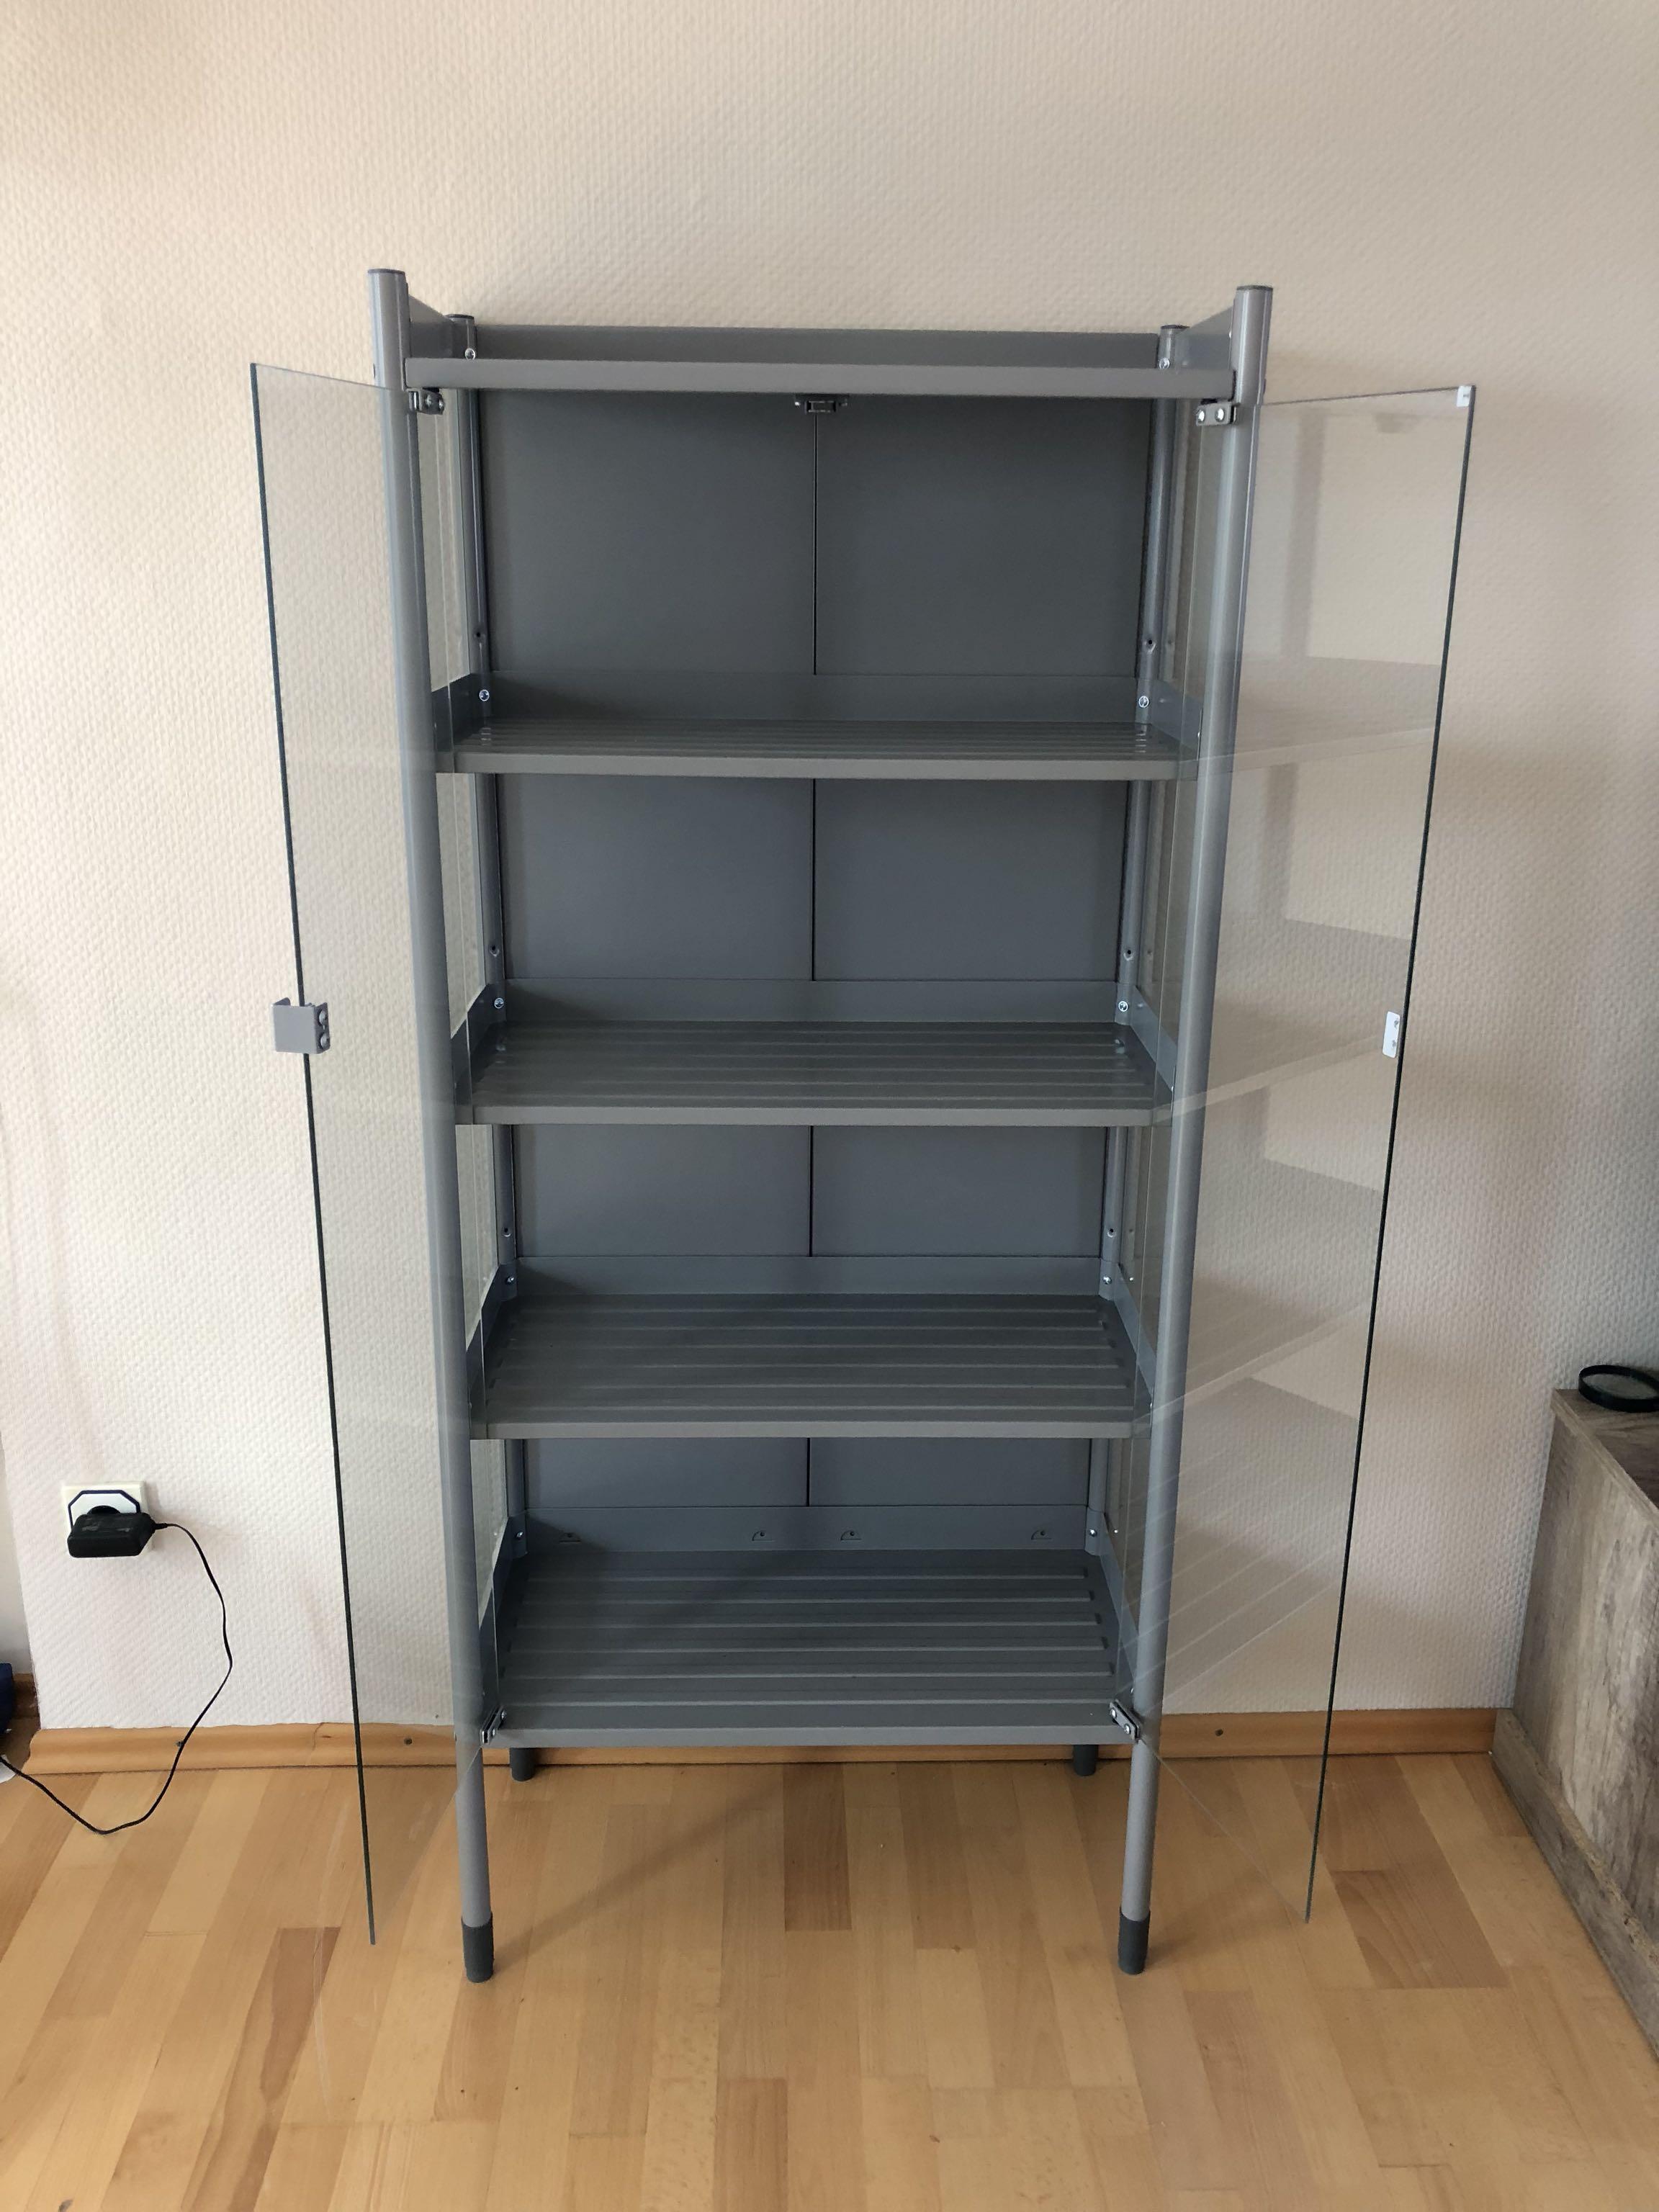 IKEA glass cupboard shelves